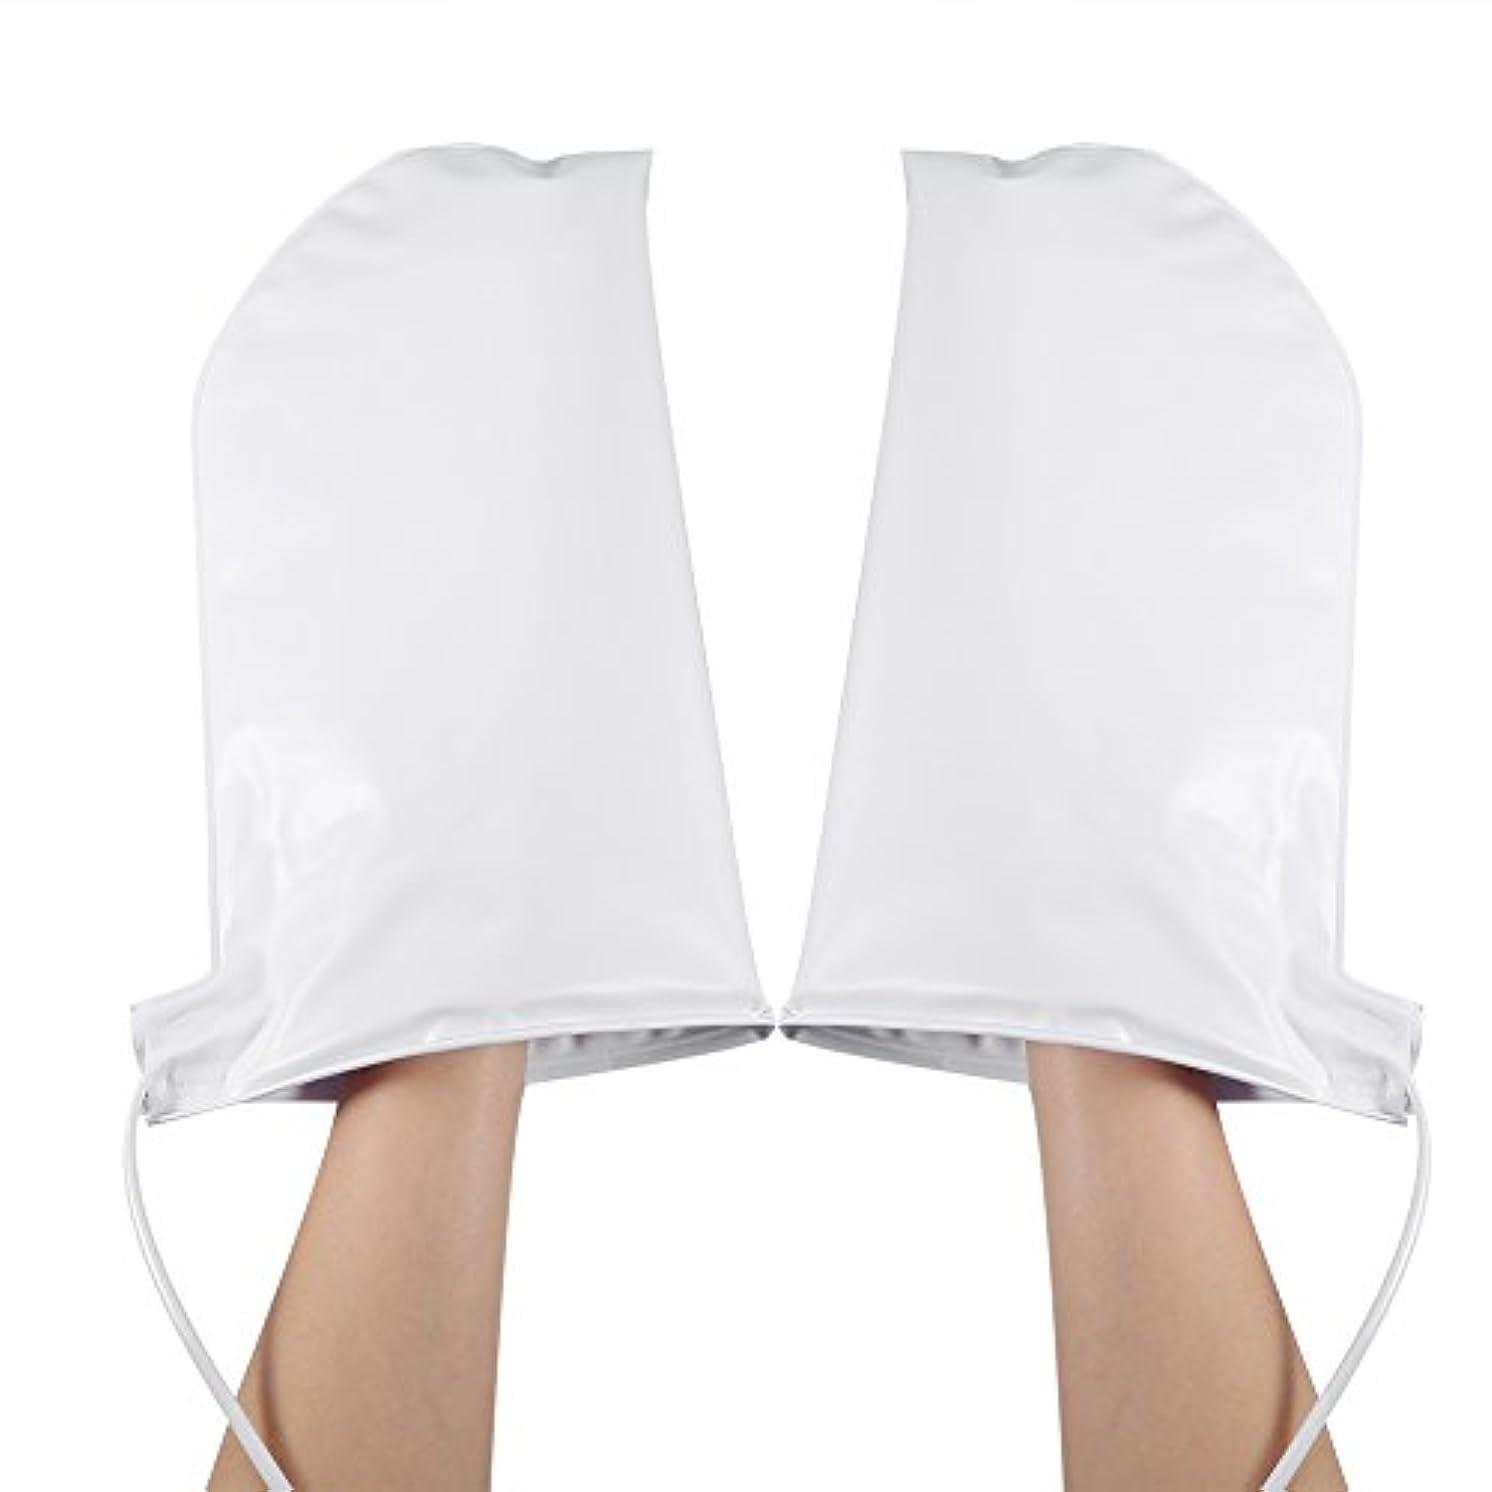 退屈な気を散らす宇宙船手袋 ヒートグローブ 加熱式 電熱 手ケア ハンドケア 2つ加熱モード 乾燥対策 手荒れ対策 補水 保湿 美白 しっとり